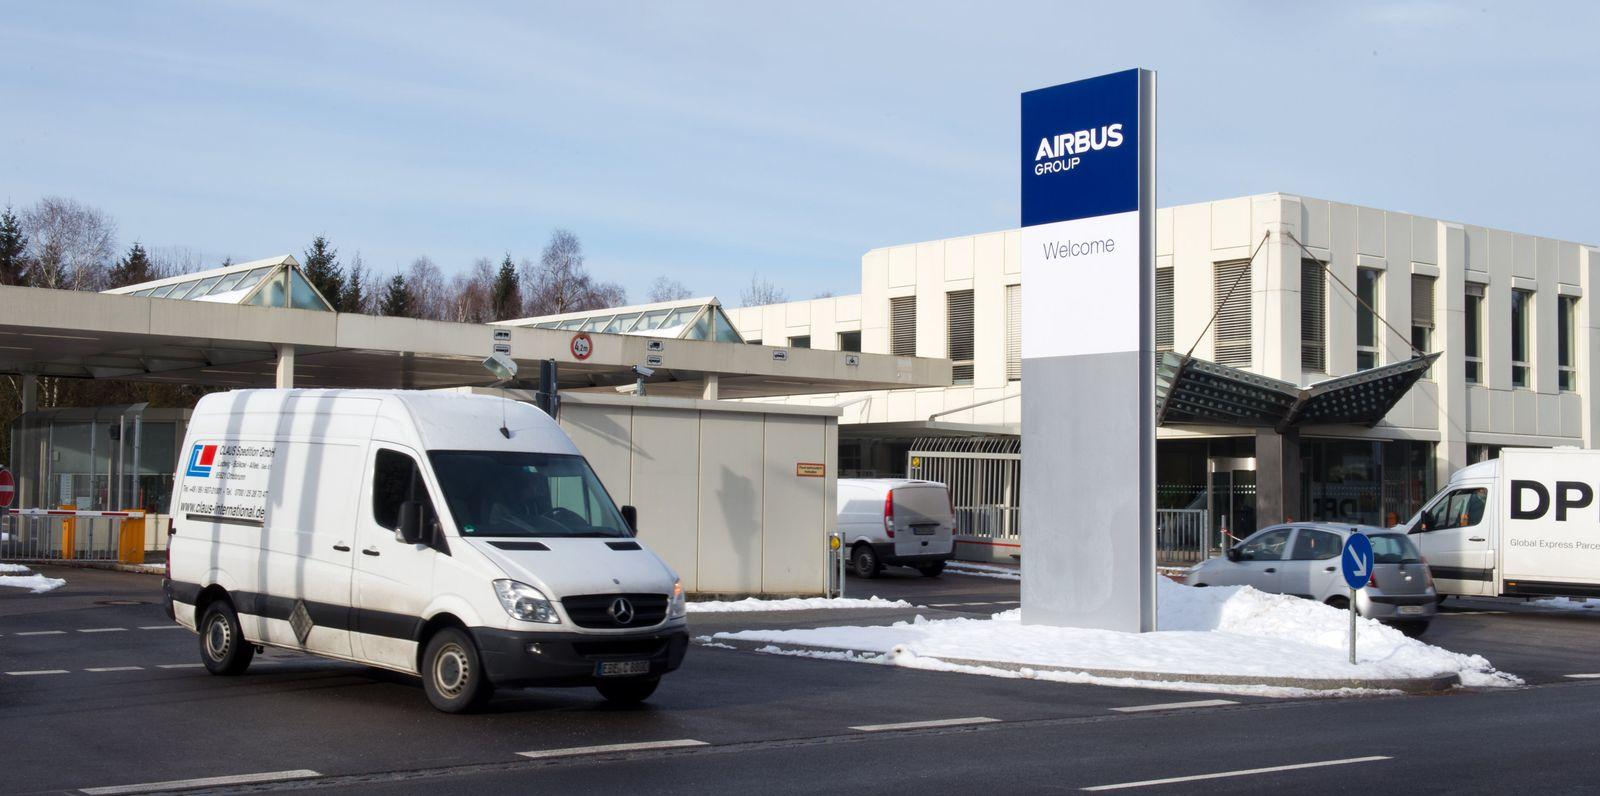 Airbus Ottobrunn